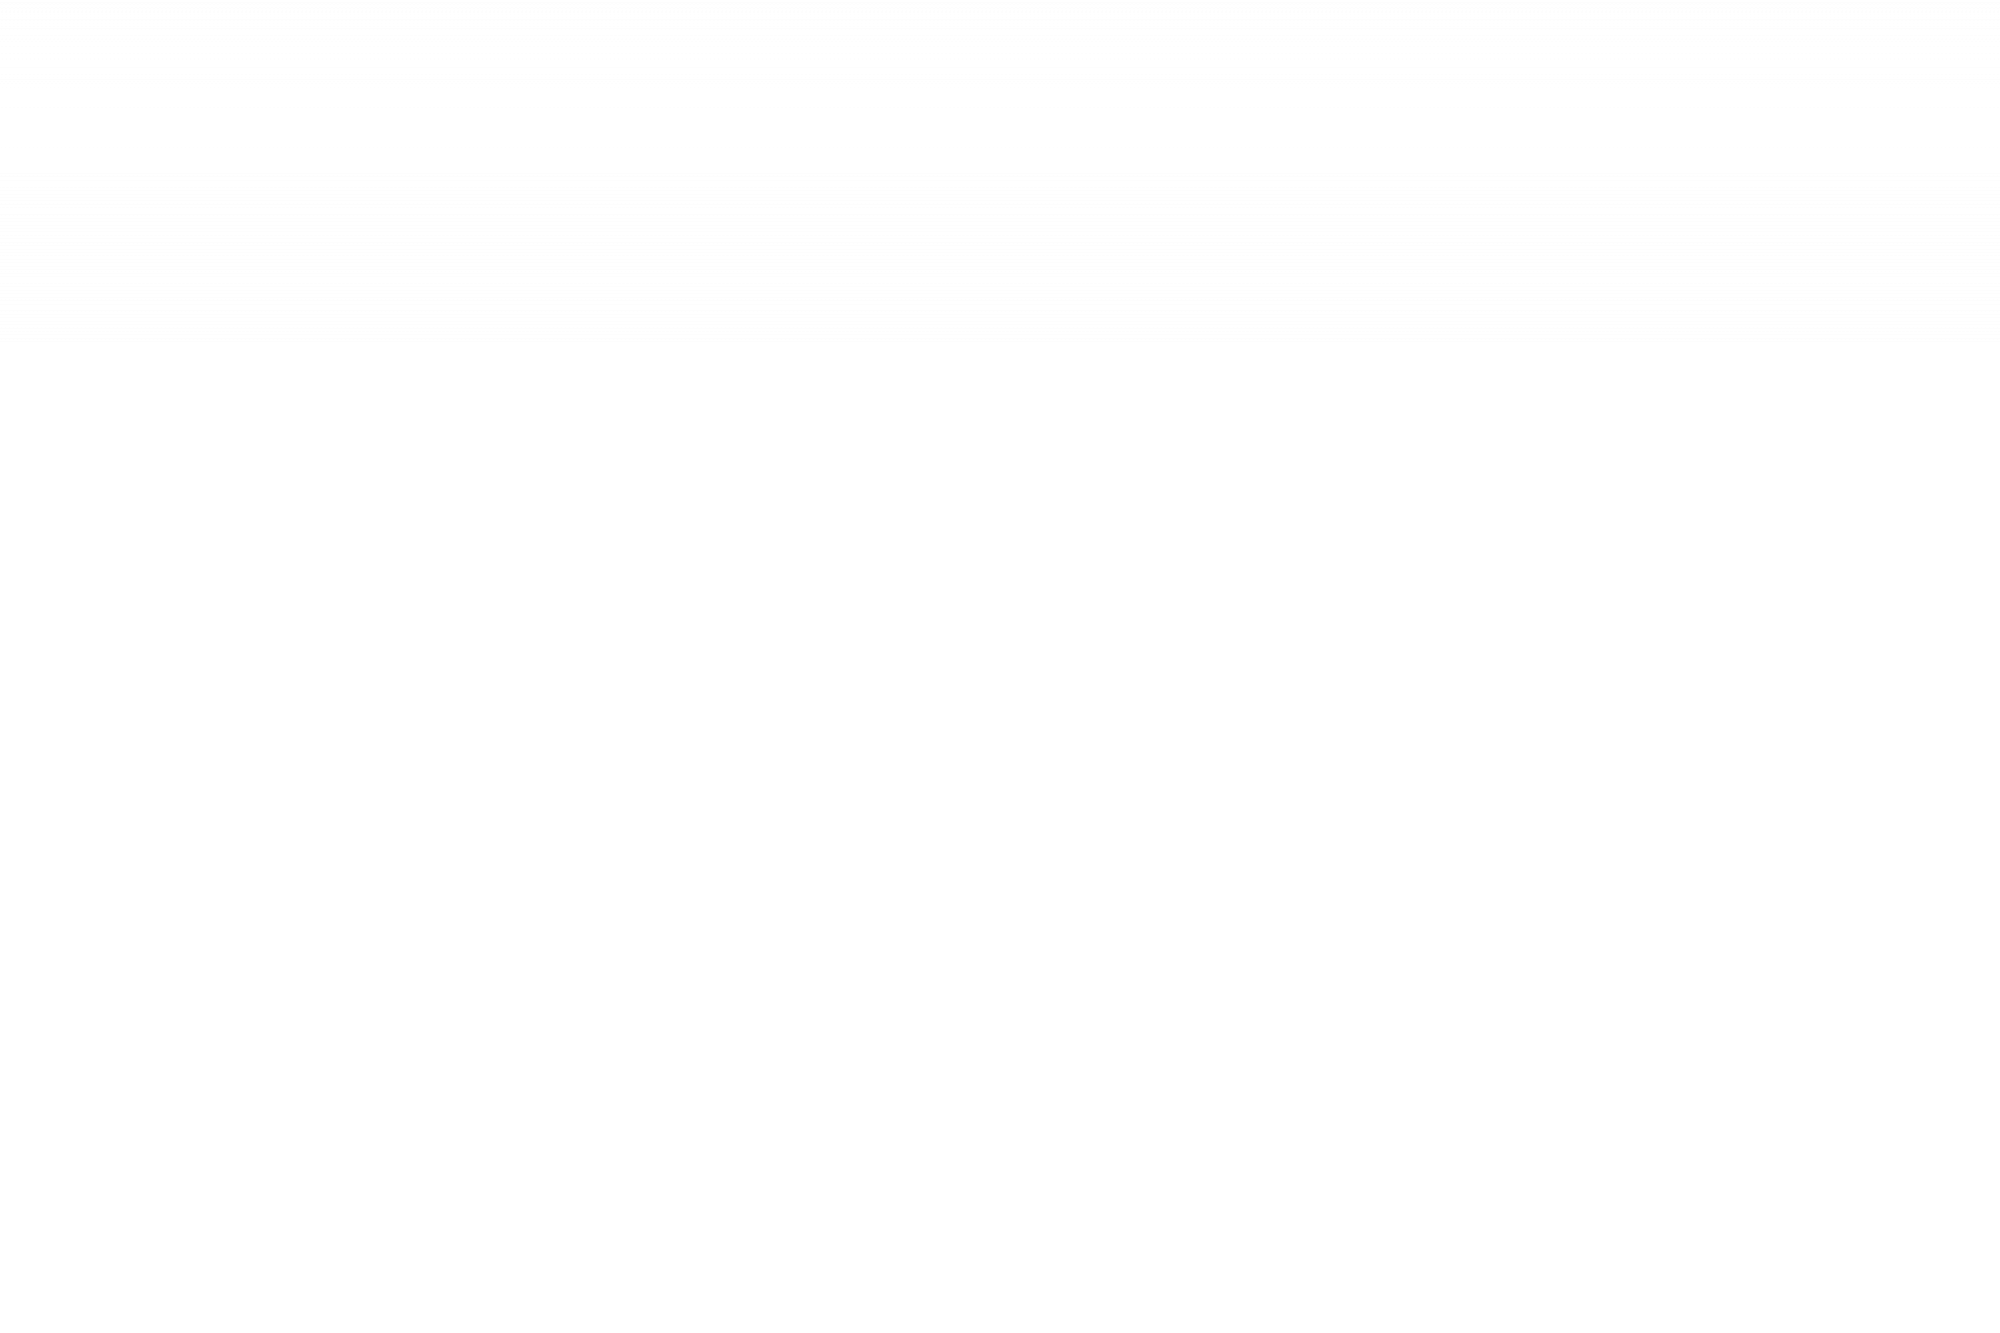 m84l97